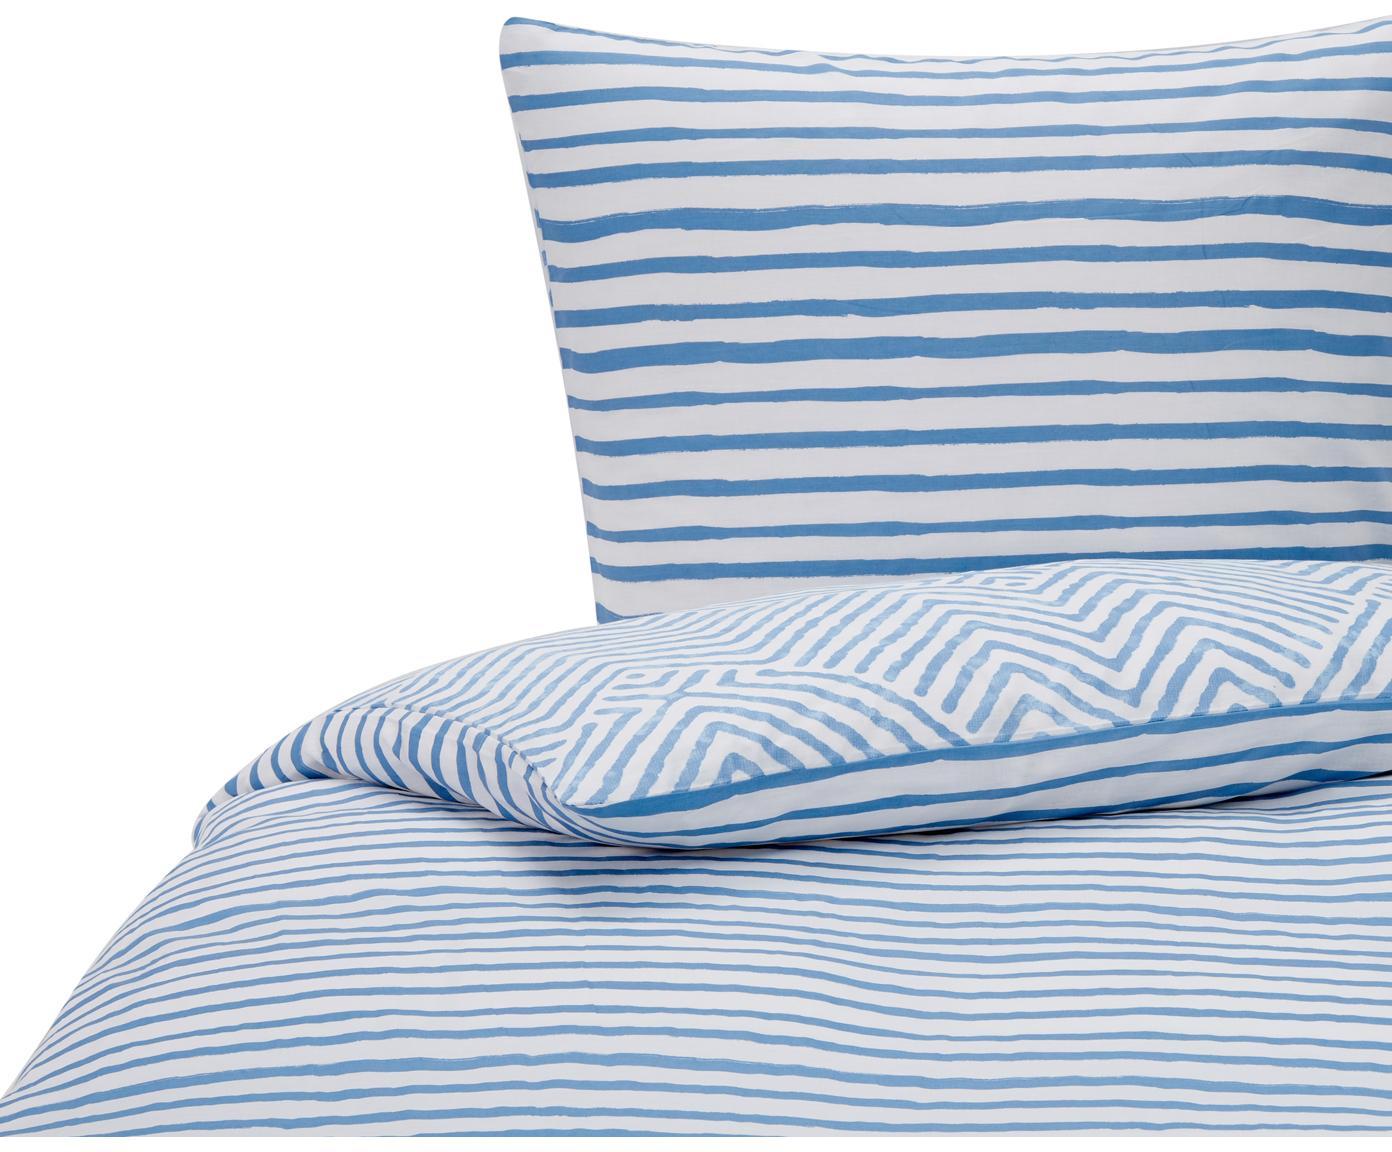 Baumwoll-Wendebettwäsche Get Framed, gemustert, 100% Baumwolle  Bettwäsche aus Baumwolle fühlt sich auf der Haut angenehm weich an, nimmt Feuchtigkeit gut auf und eignet sich für Allergiker., Hellblau, Weiß, 135 x 200 cm + 1 Kissen 80 x 80 cm